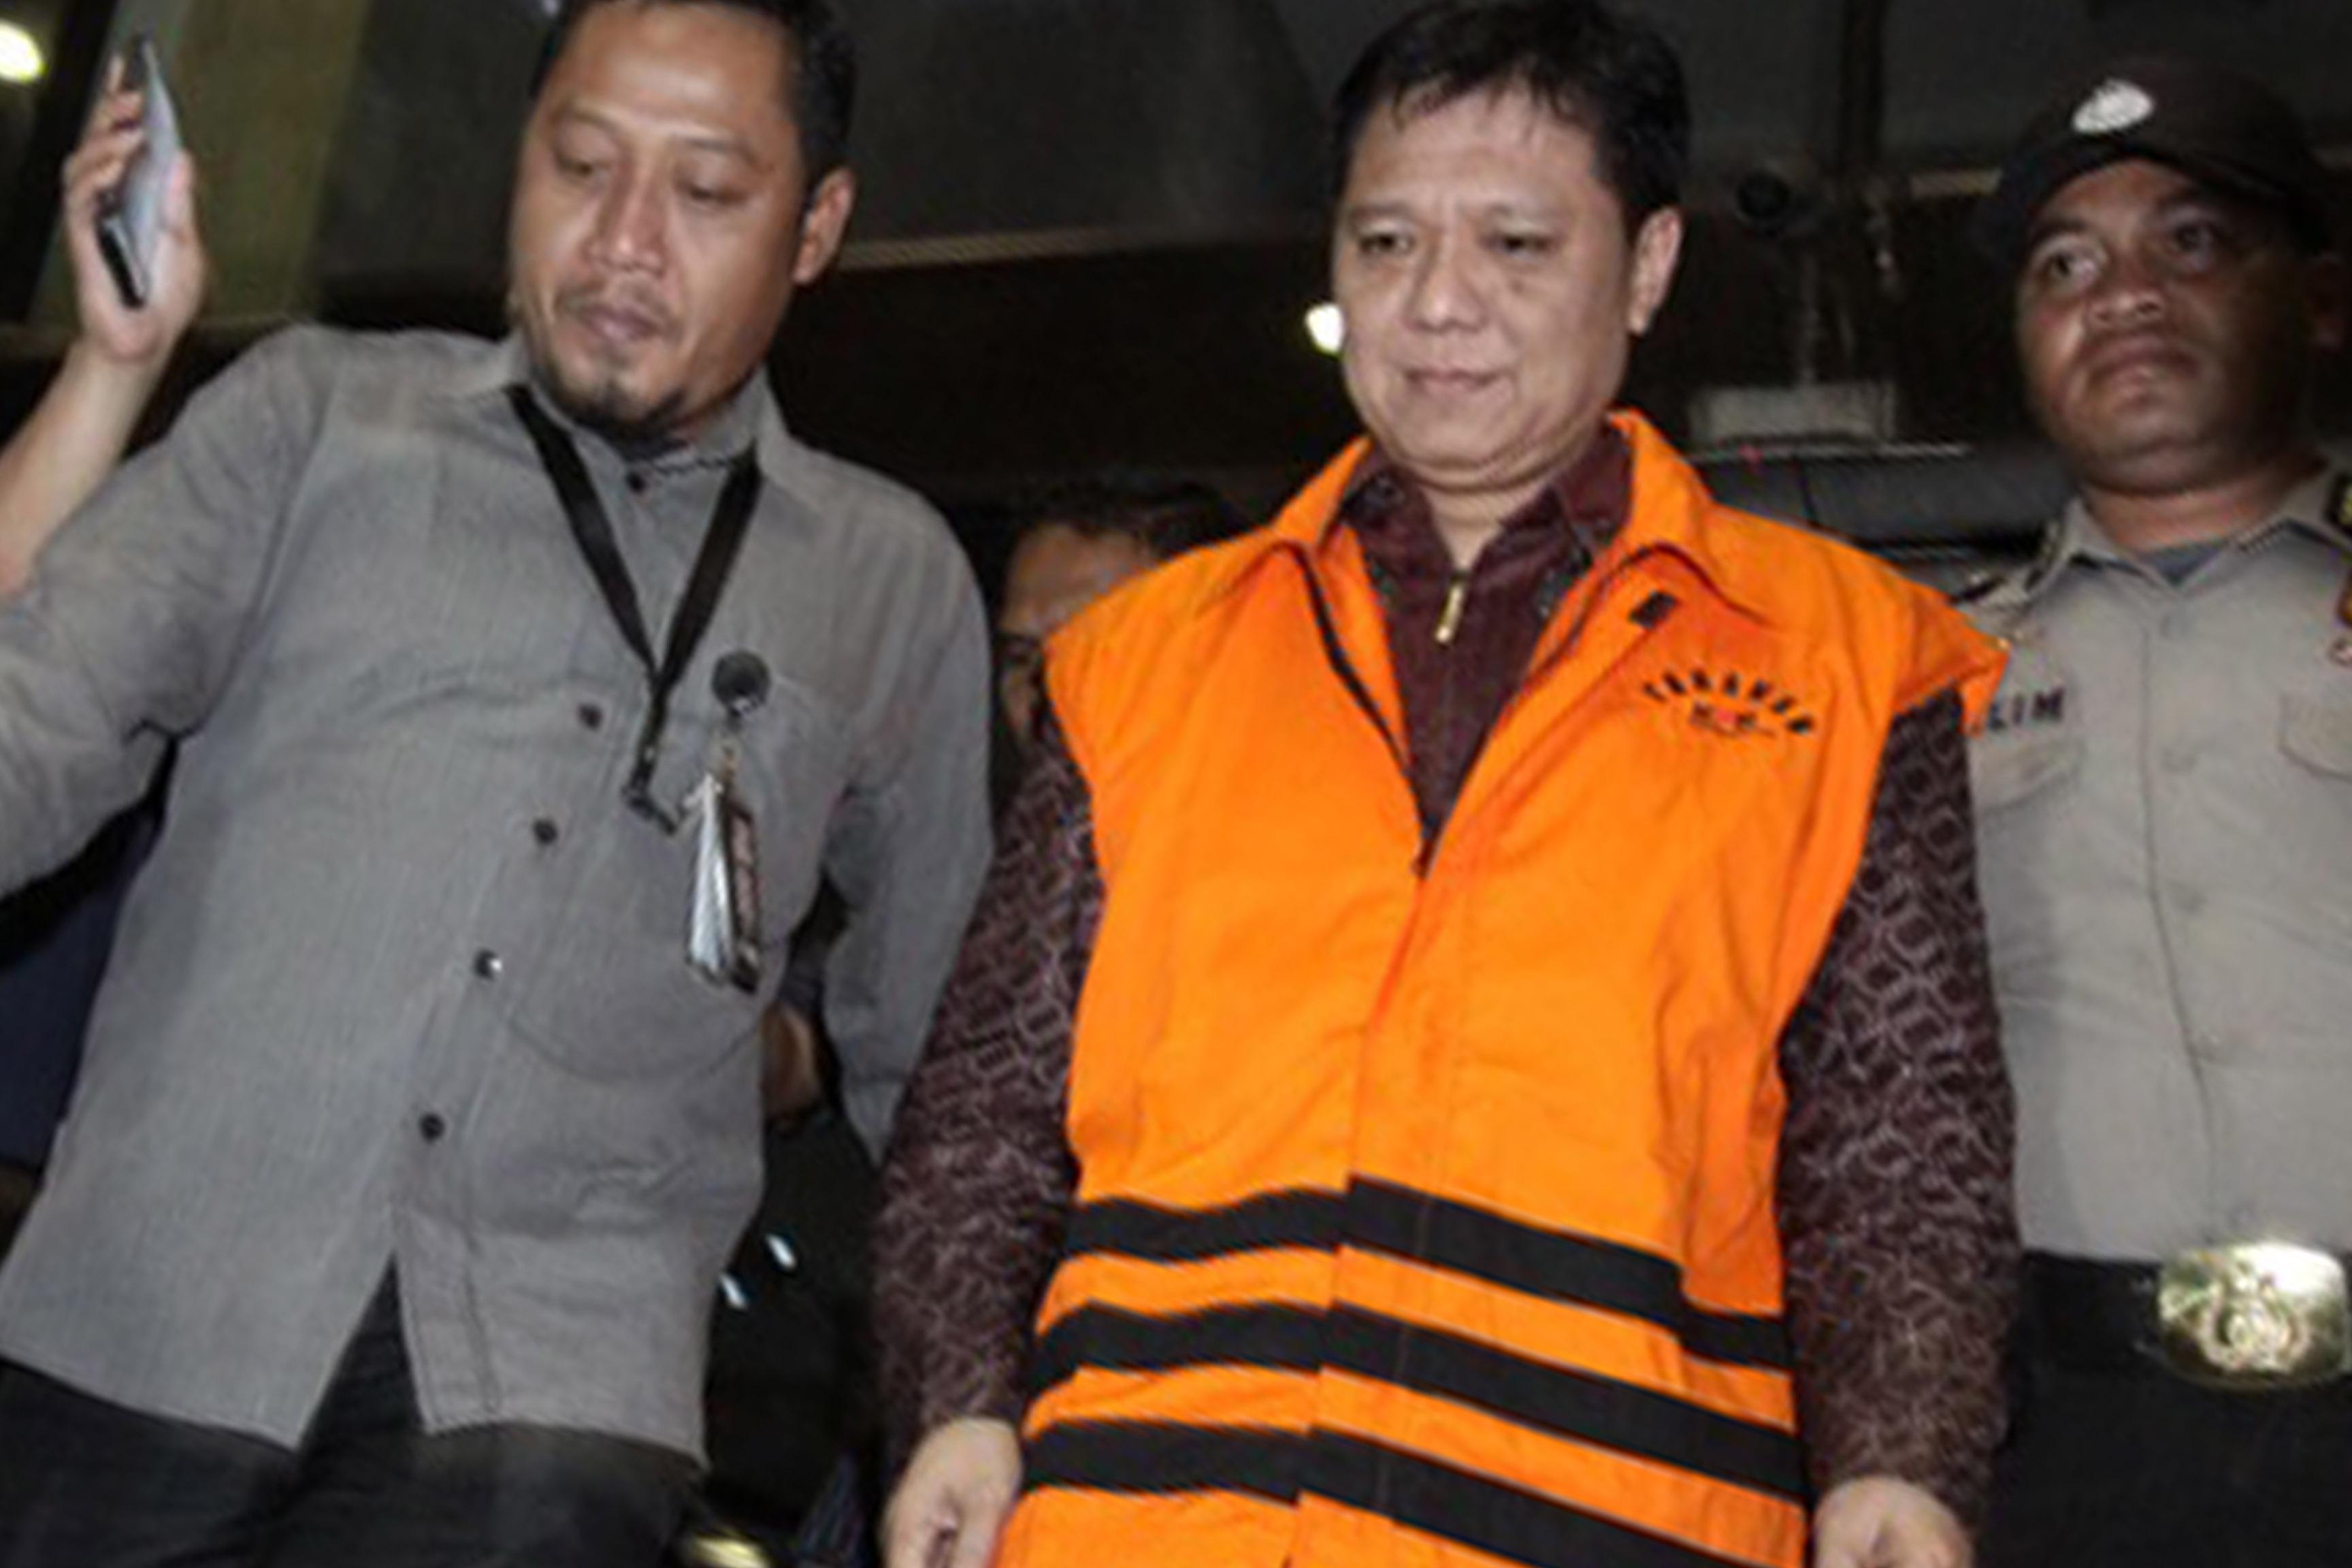 Bupati Tanggamus Bambang Kurniawan (tengah) ditahan KPK setelah diperiksa selama 10 jam di gedung KPK Jakarta. (Istimewa)